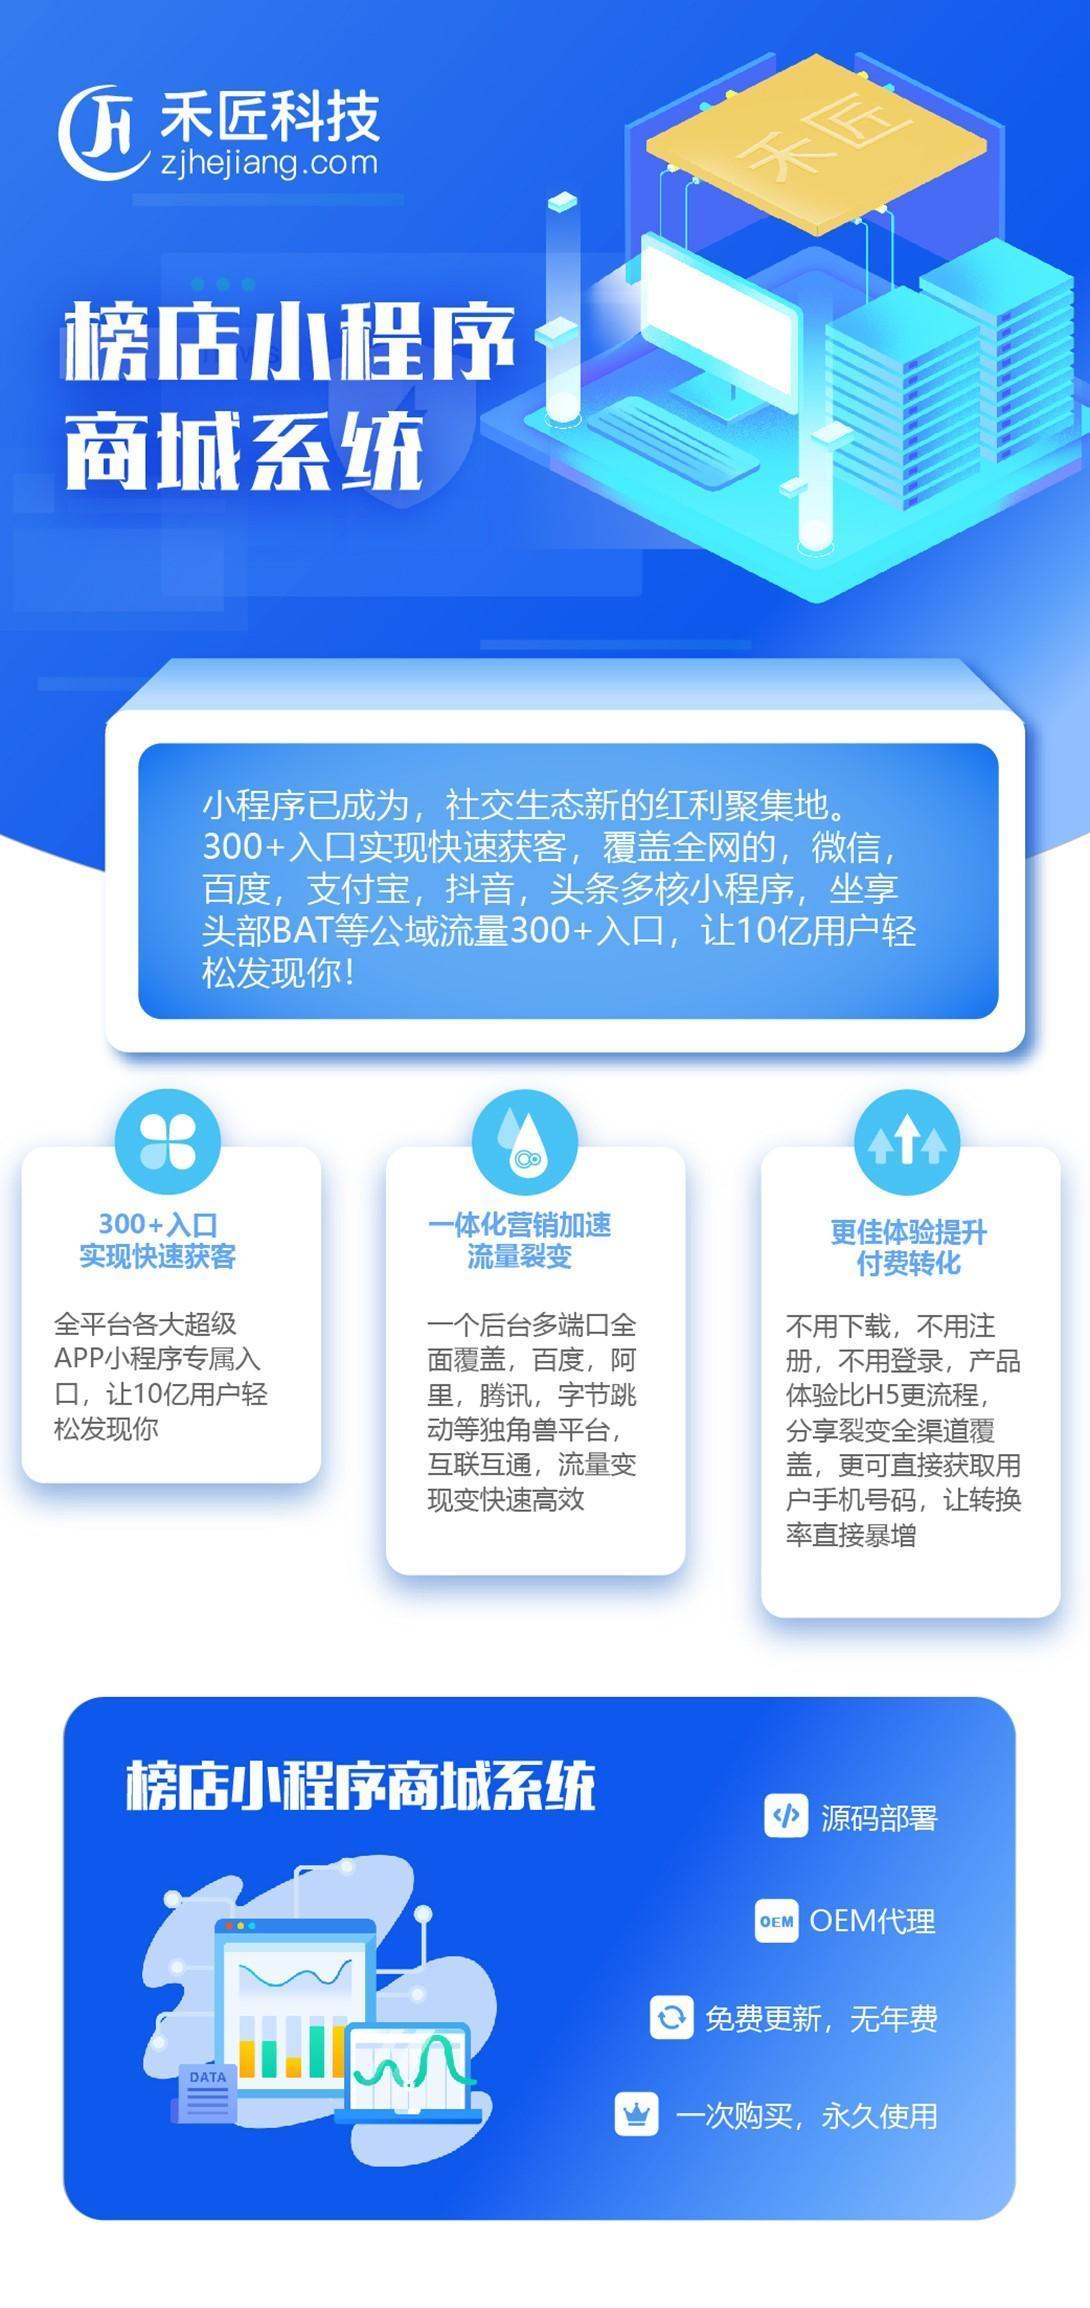 【在线更新全插件】最新禾匠榜店商城独立版V4.4.61一键安装-后台一键更新-前端扫码上传插图1